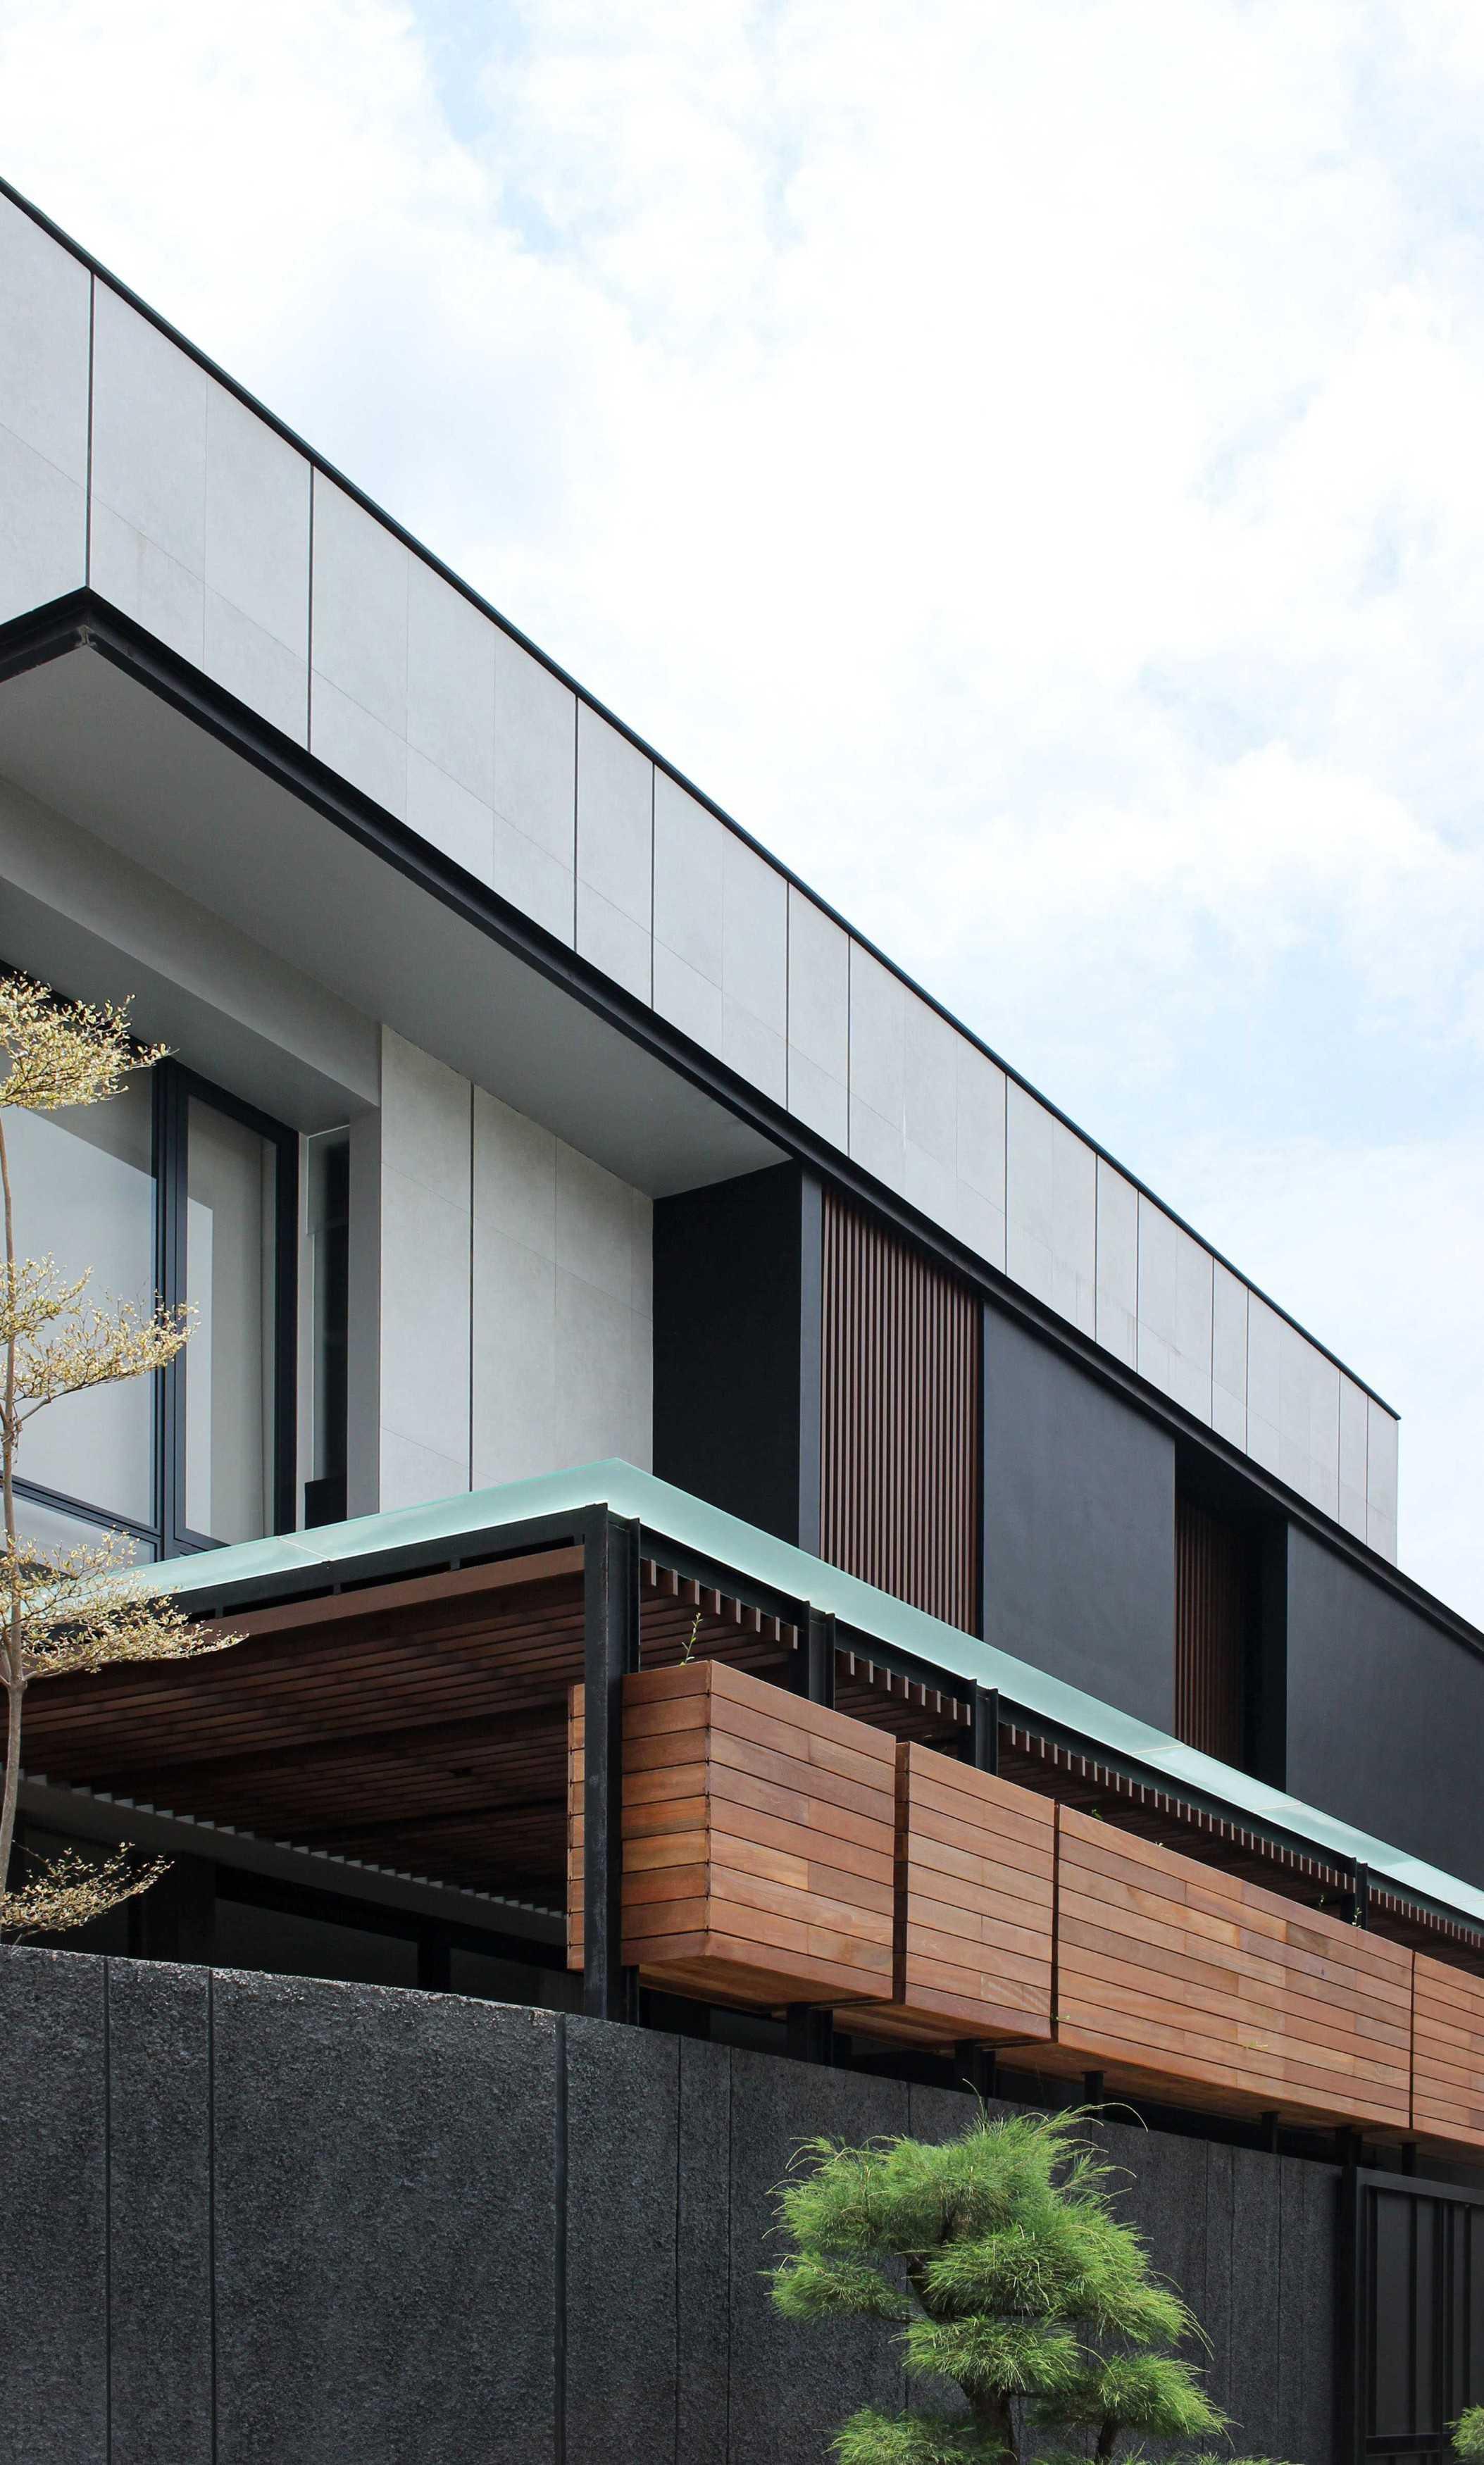 Y0 Design Architect J House Pd. Candra, Wadungasri, Kec. Waru, Kabupaten Sidoarjo, Jawa Timur, Indonesia Pd. Candra, Wadungasri, Kec. Waru, Kabupaten Sidoarjo, Jawa Timur, Indonesia Yohanes-Iswara-Limandjaya-J-House   120969